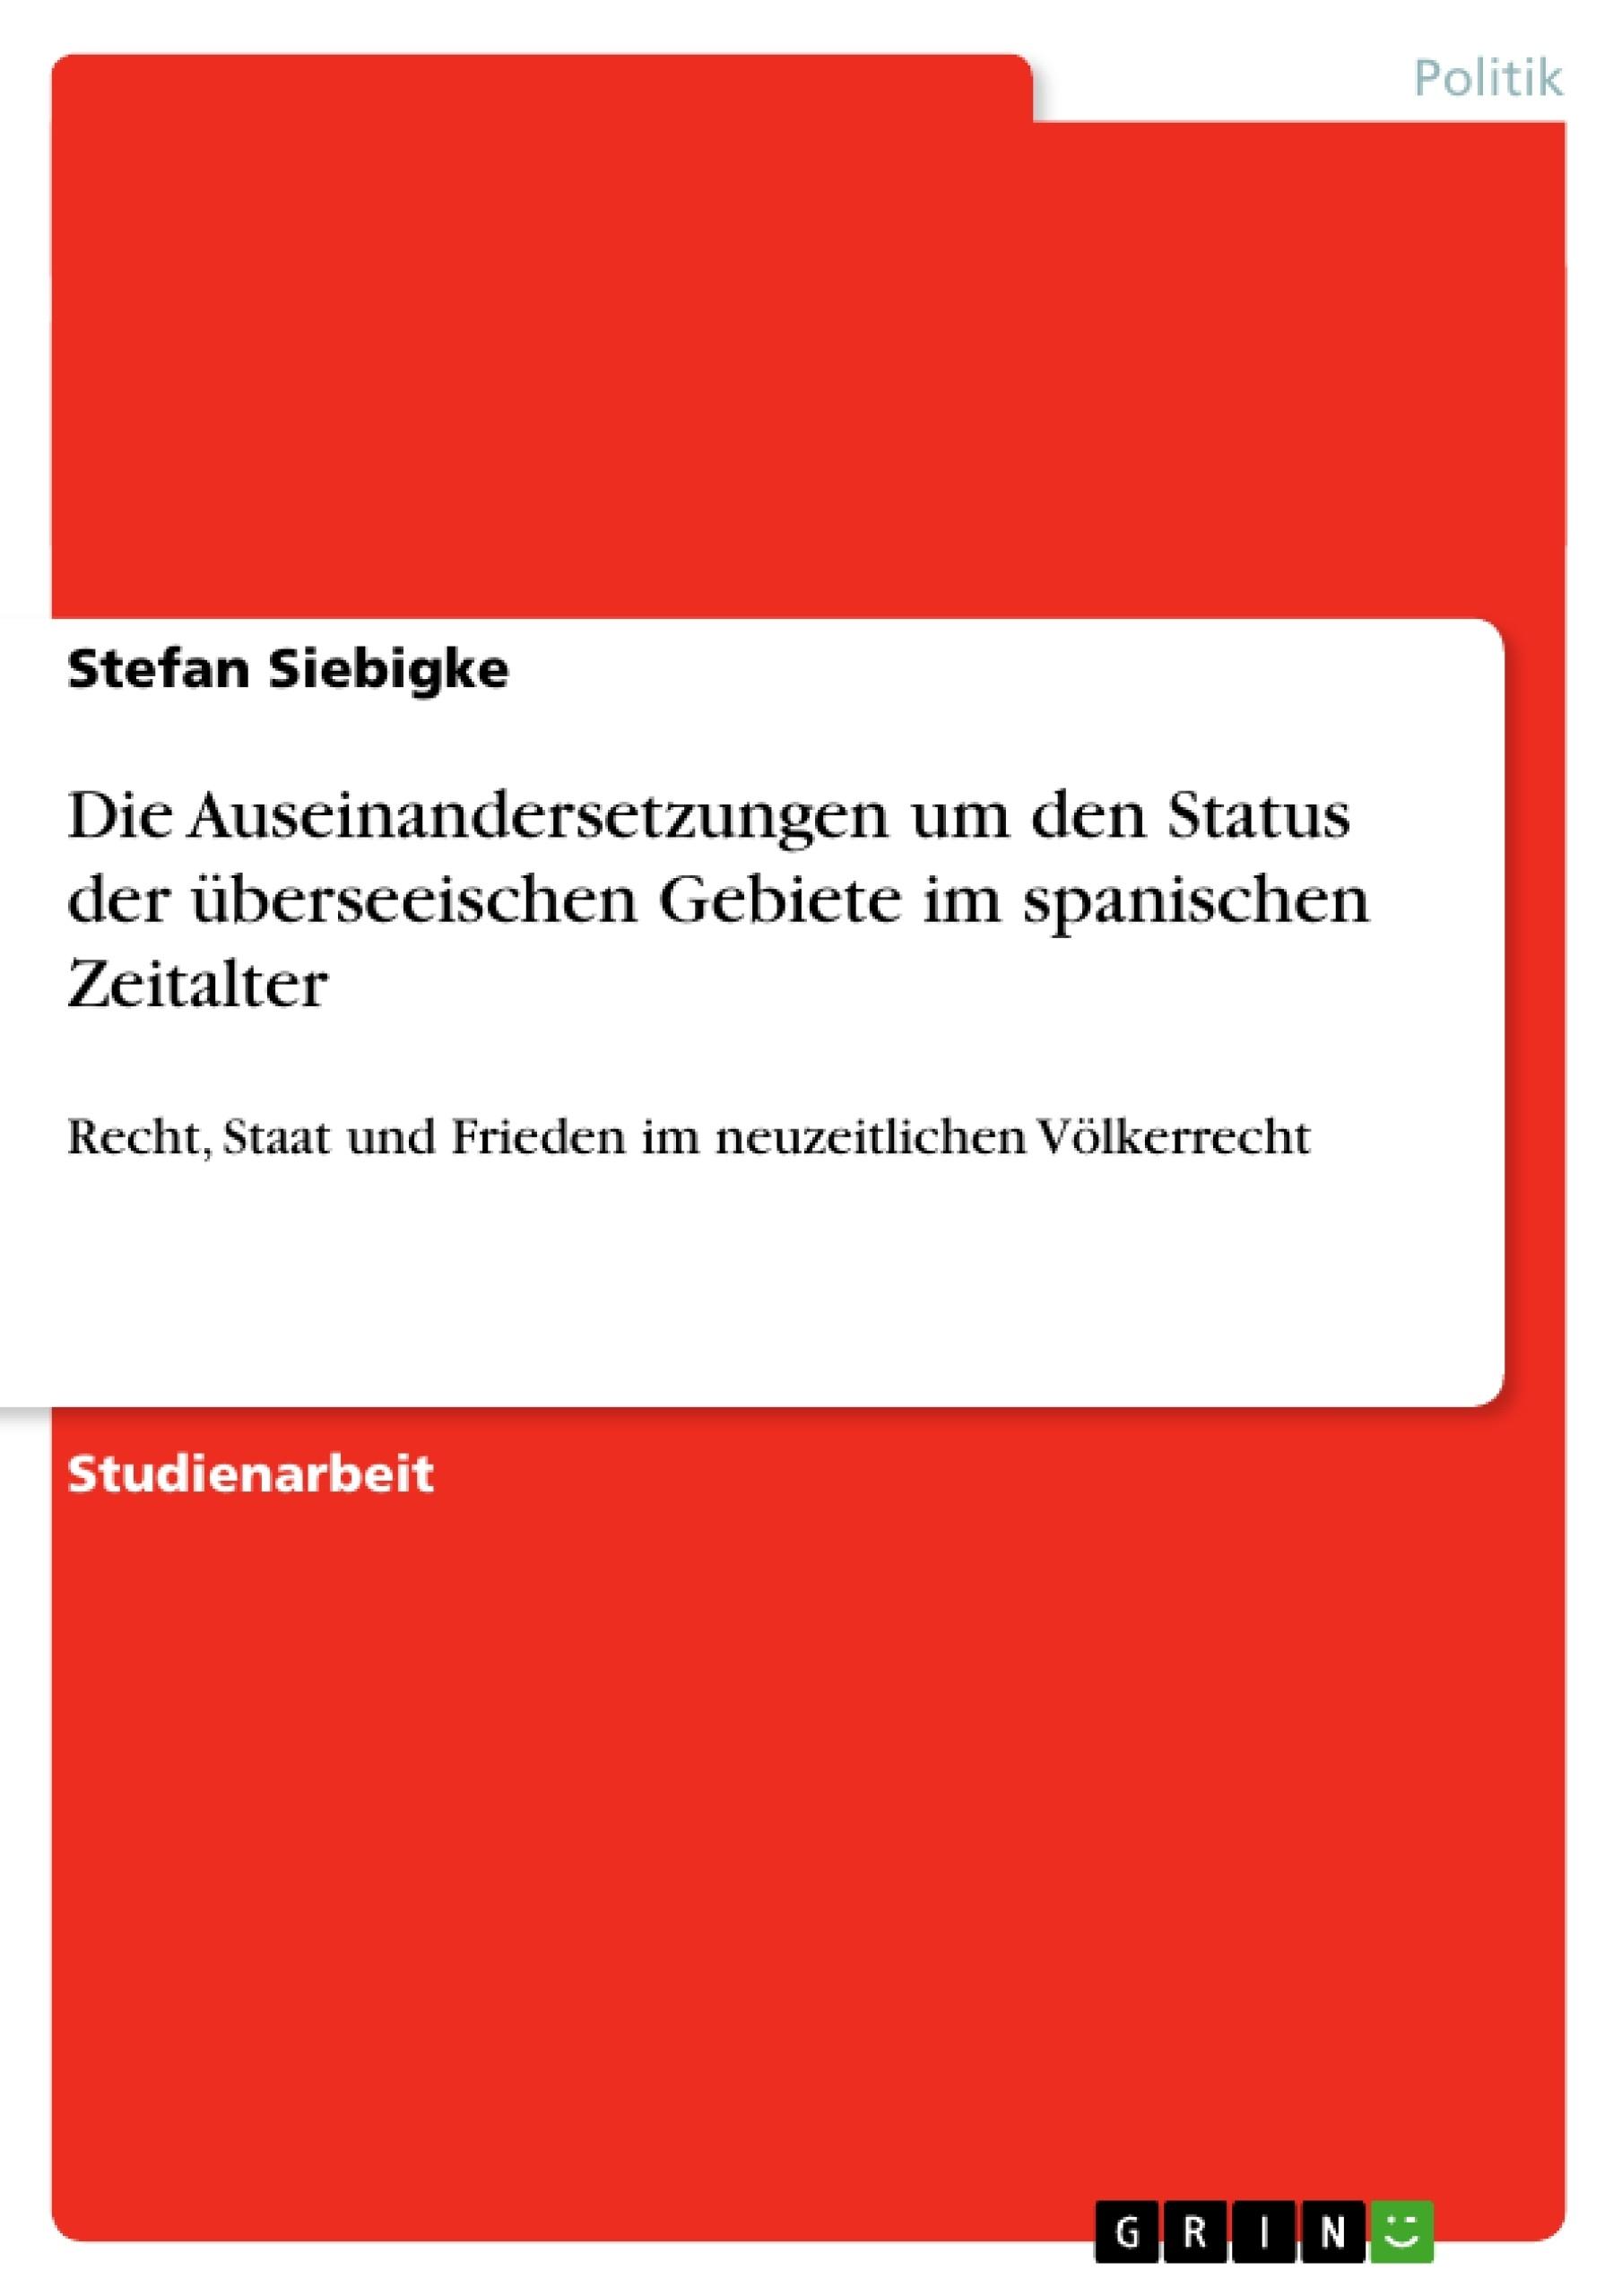 Titel: Die Auseinandersetzungen um den Status der überseeischen Gebiete im spanischen Zeitalter